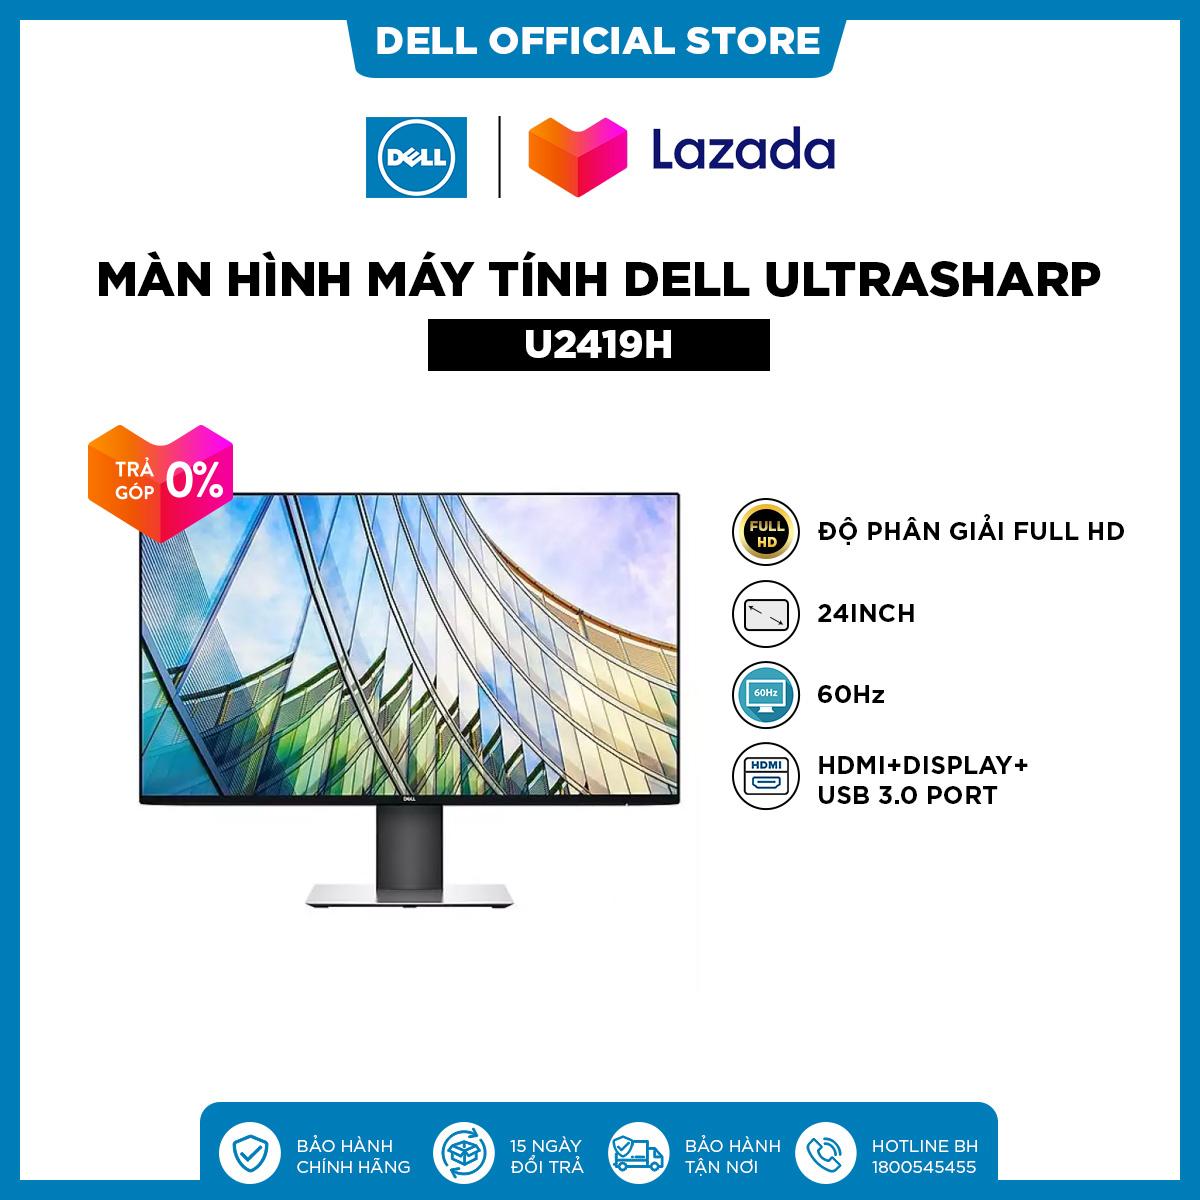 TRẢ GÓP 0%_FREESHIP  Màn Hình Máy Tính Dell Ultrasharp U2419H 24inch FullHD IPS 60Hz 8ms HDMI+Display+USB 3.0 Port